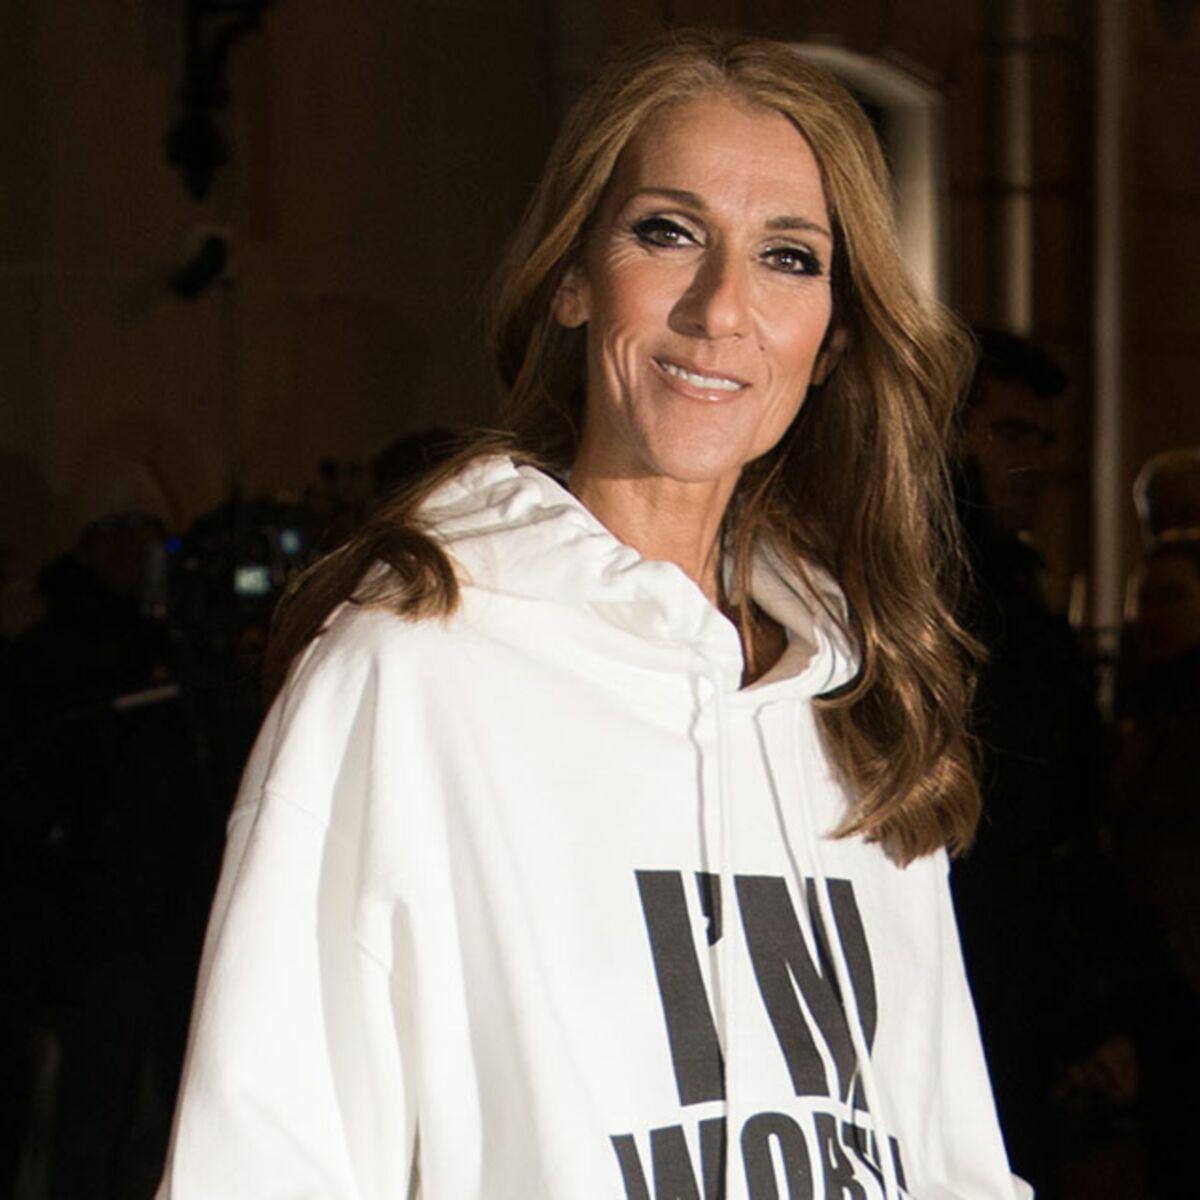 Celine Dion Robe Ultra Courte Et Hauts Talons Pour S Adonner A Une Nouvelle Activite Femme Actuelle Le Mag